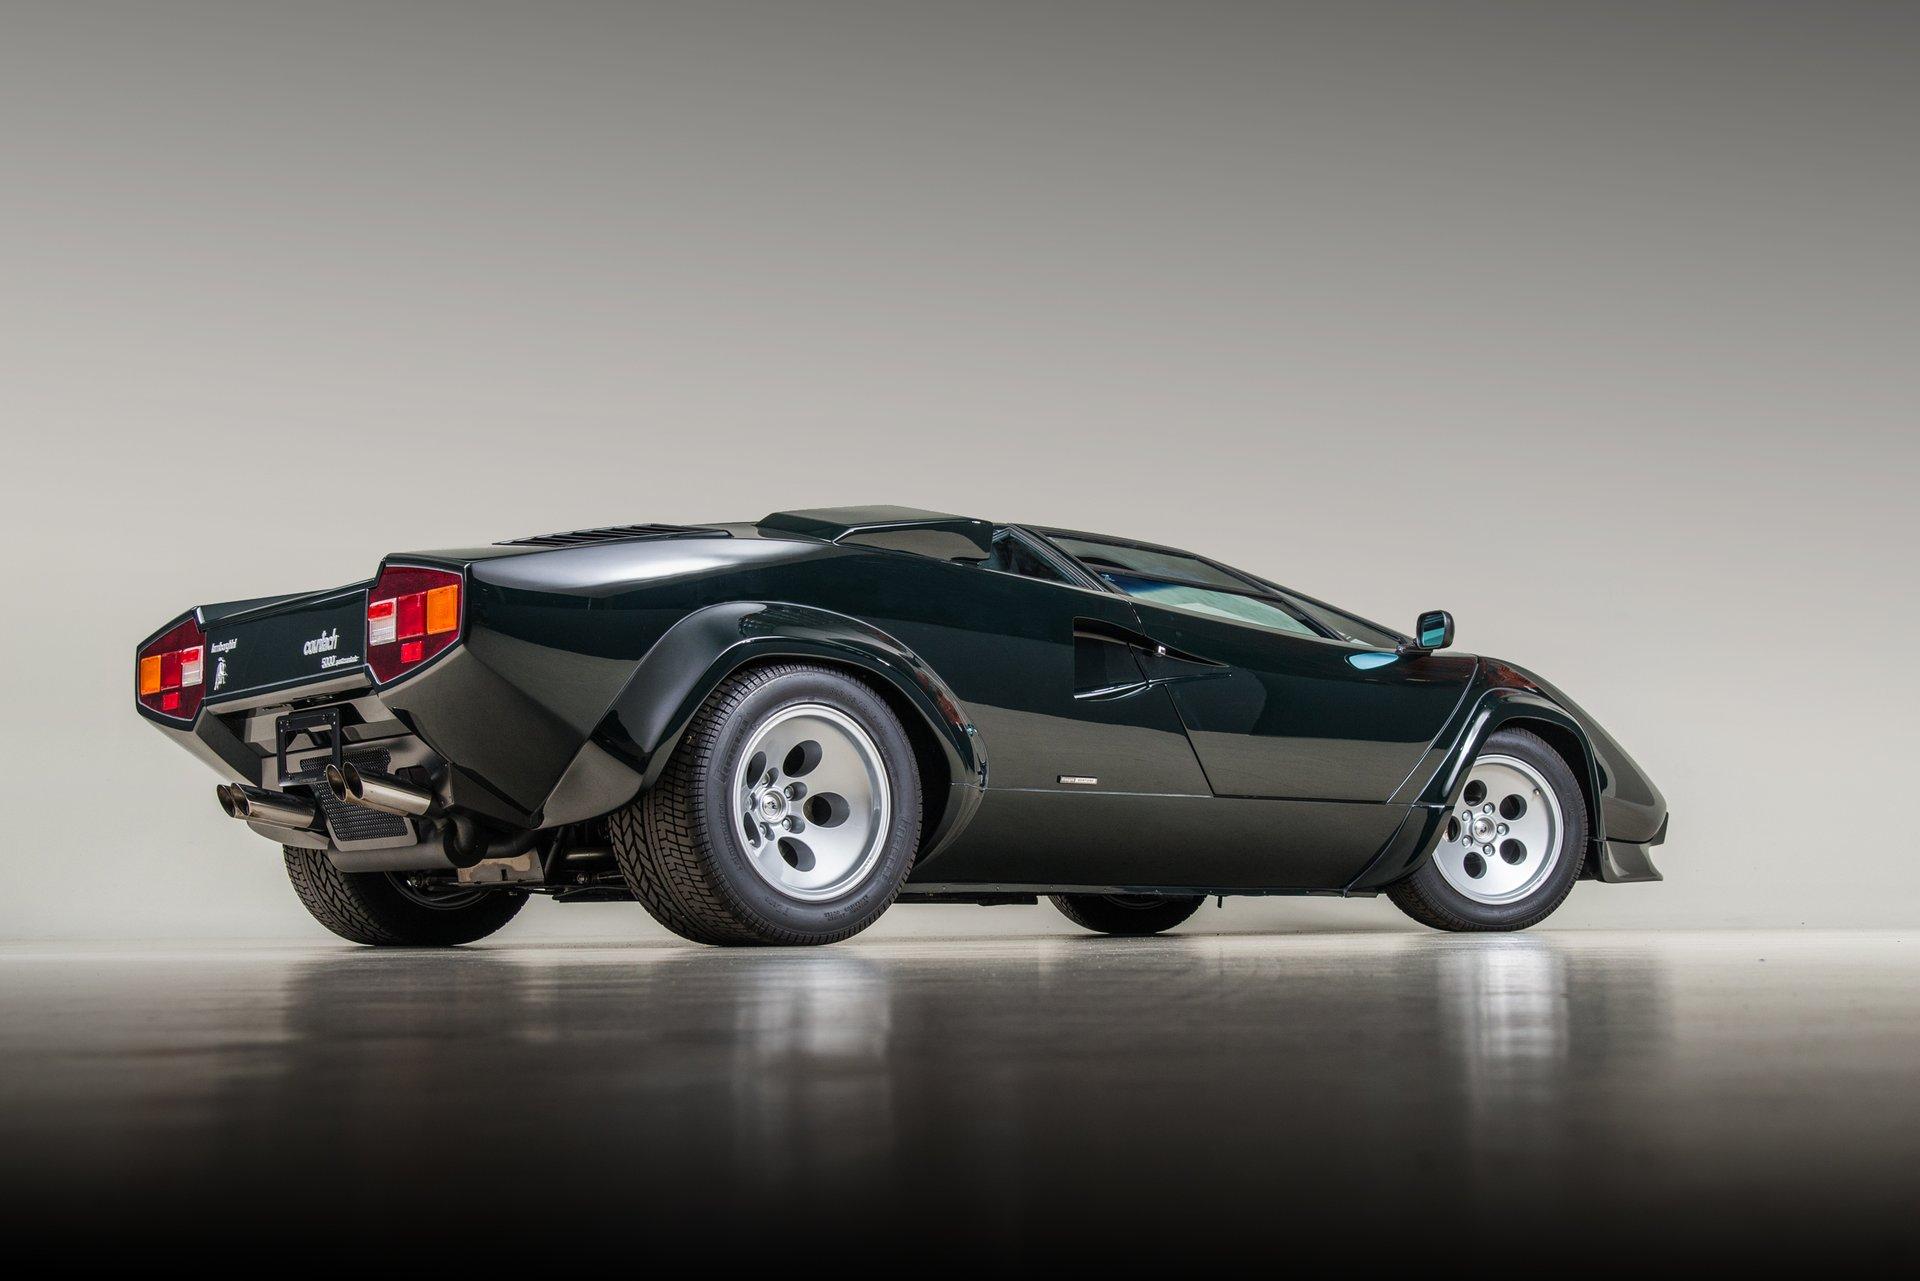 1986 Lamborghini Countach Lp5000 Quattrovalvole For Sale 116077 Mcg